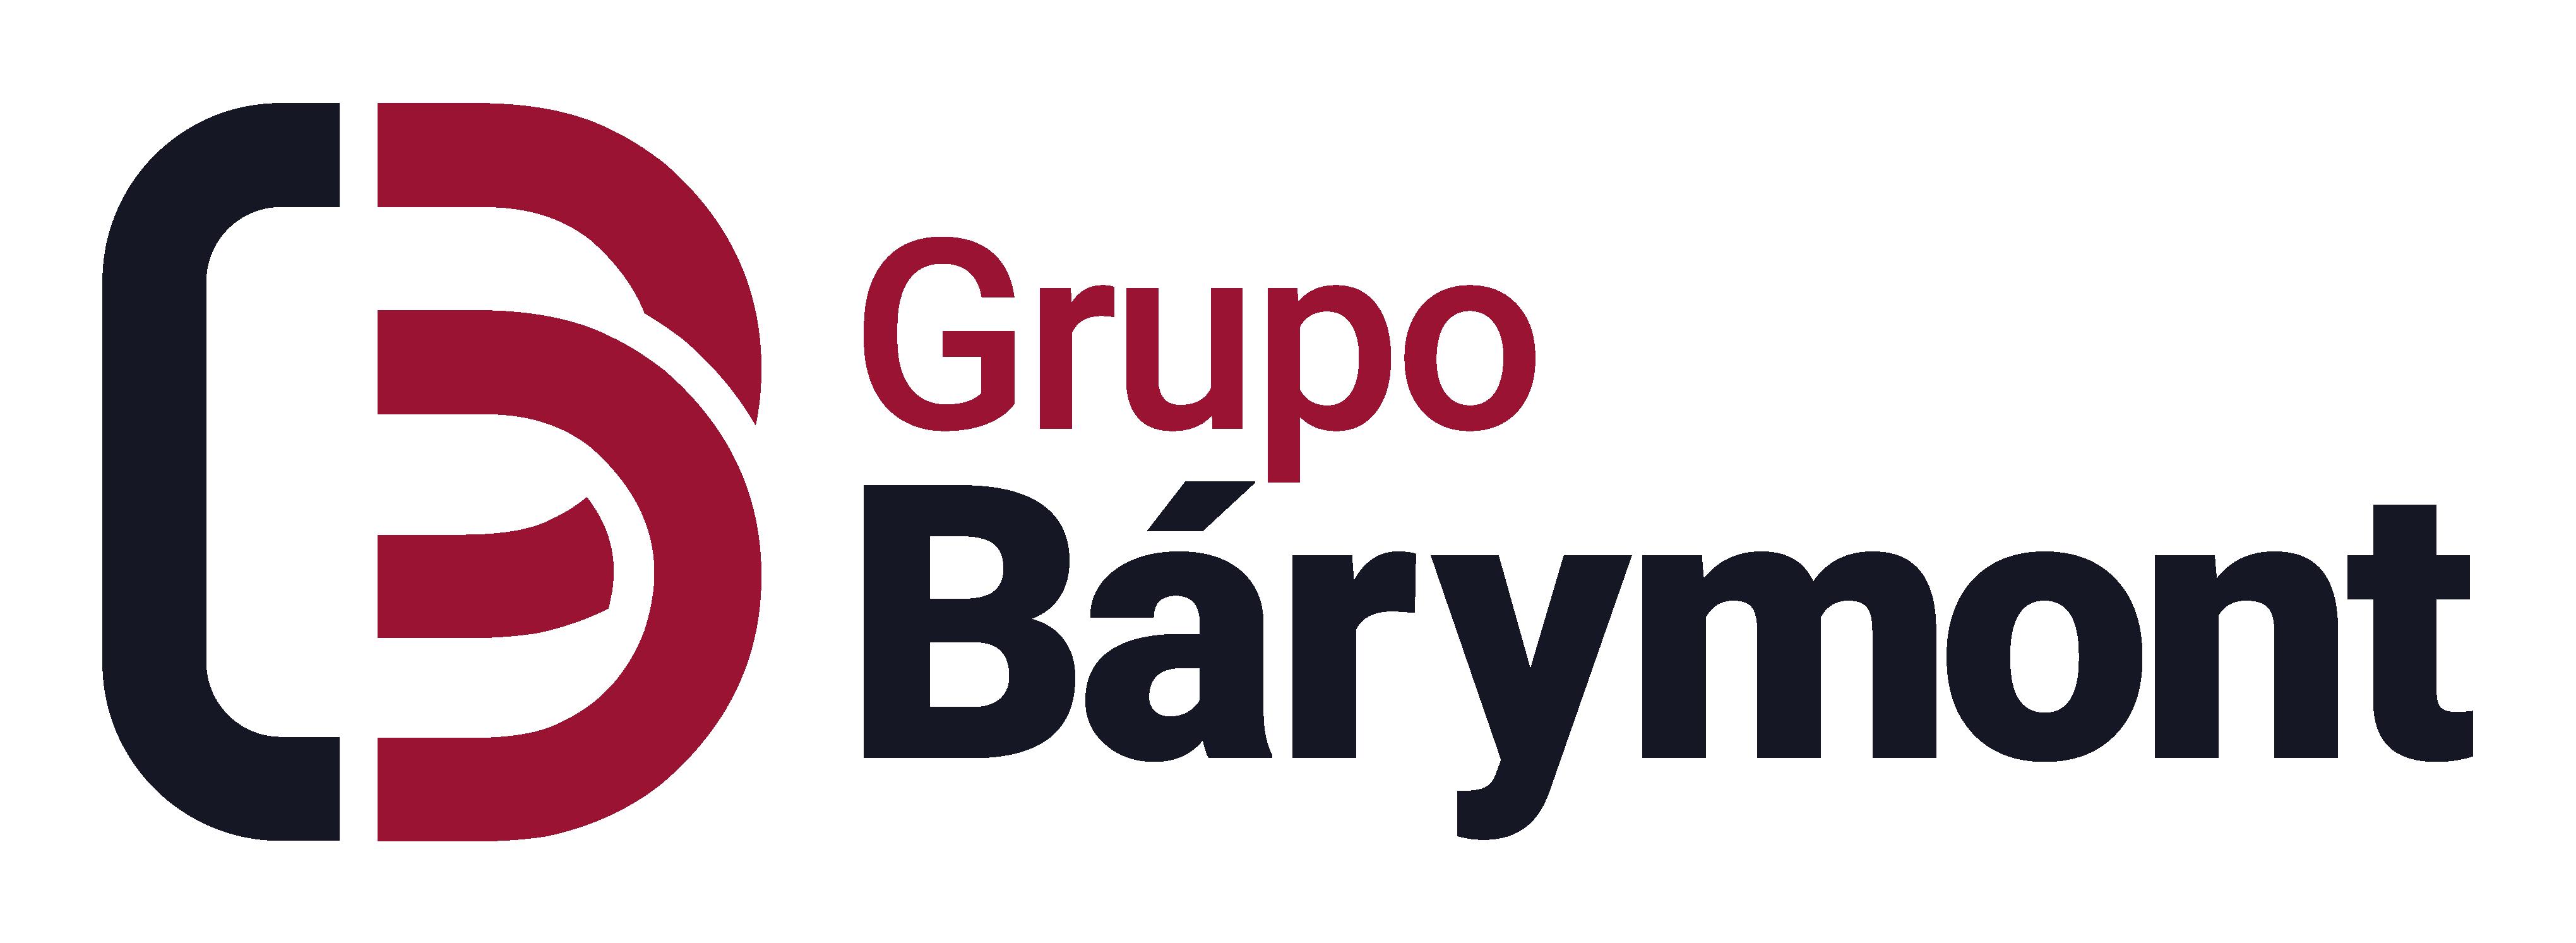 Logo Barymont 2020 _Logo Rojo Negro_Logo Rojo Negro